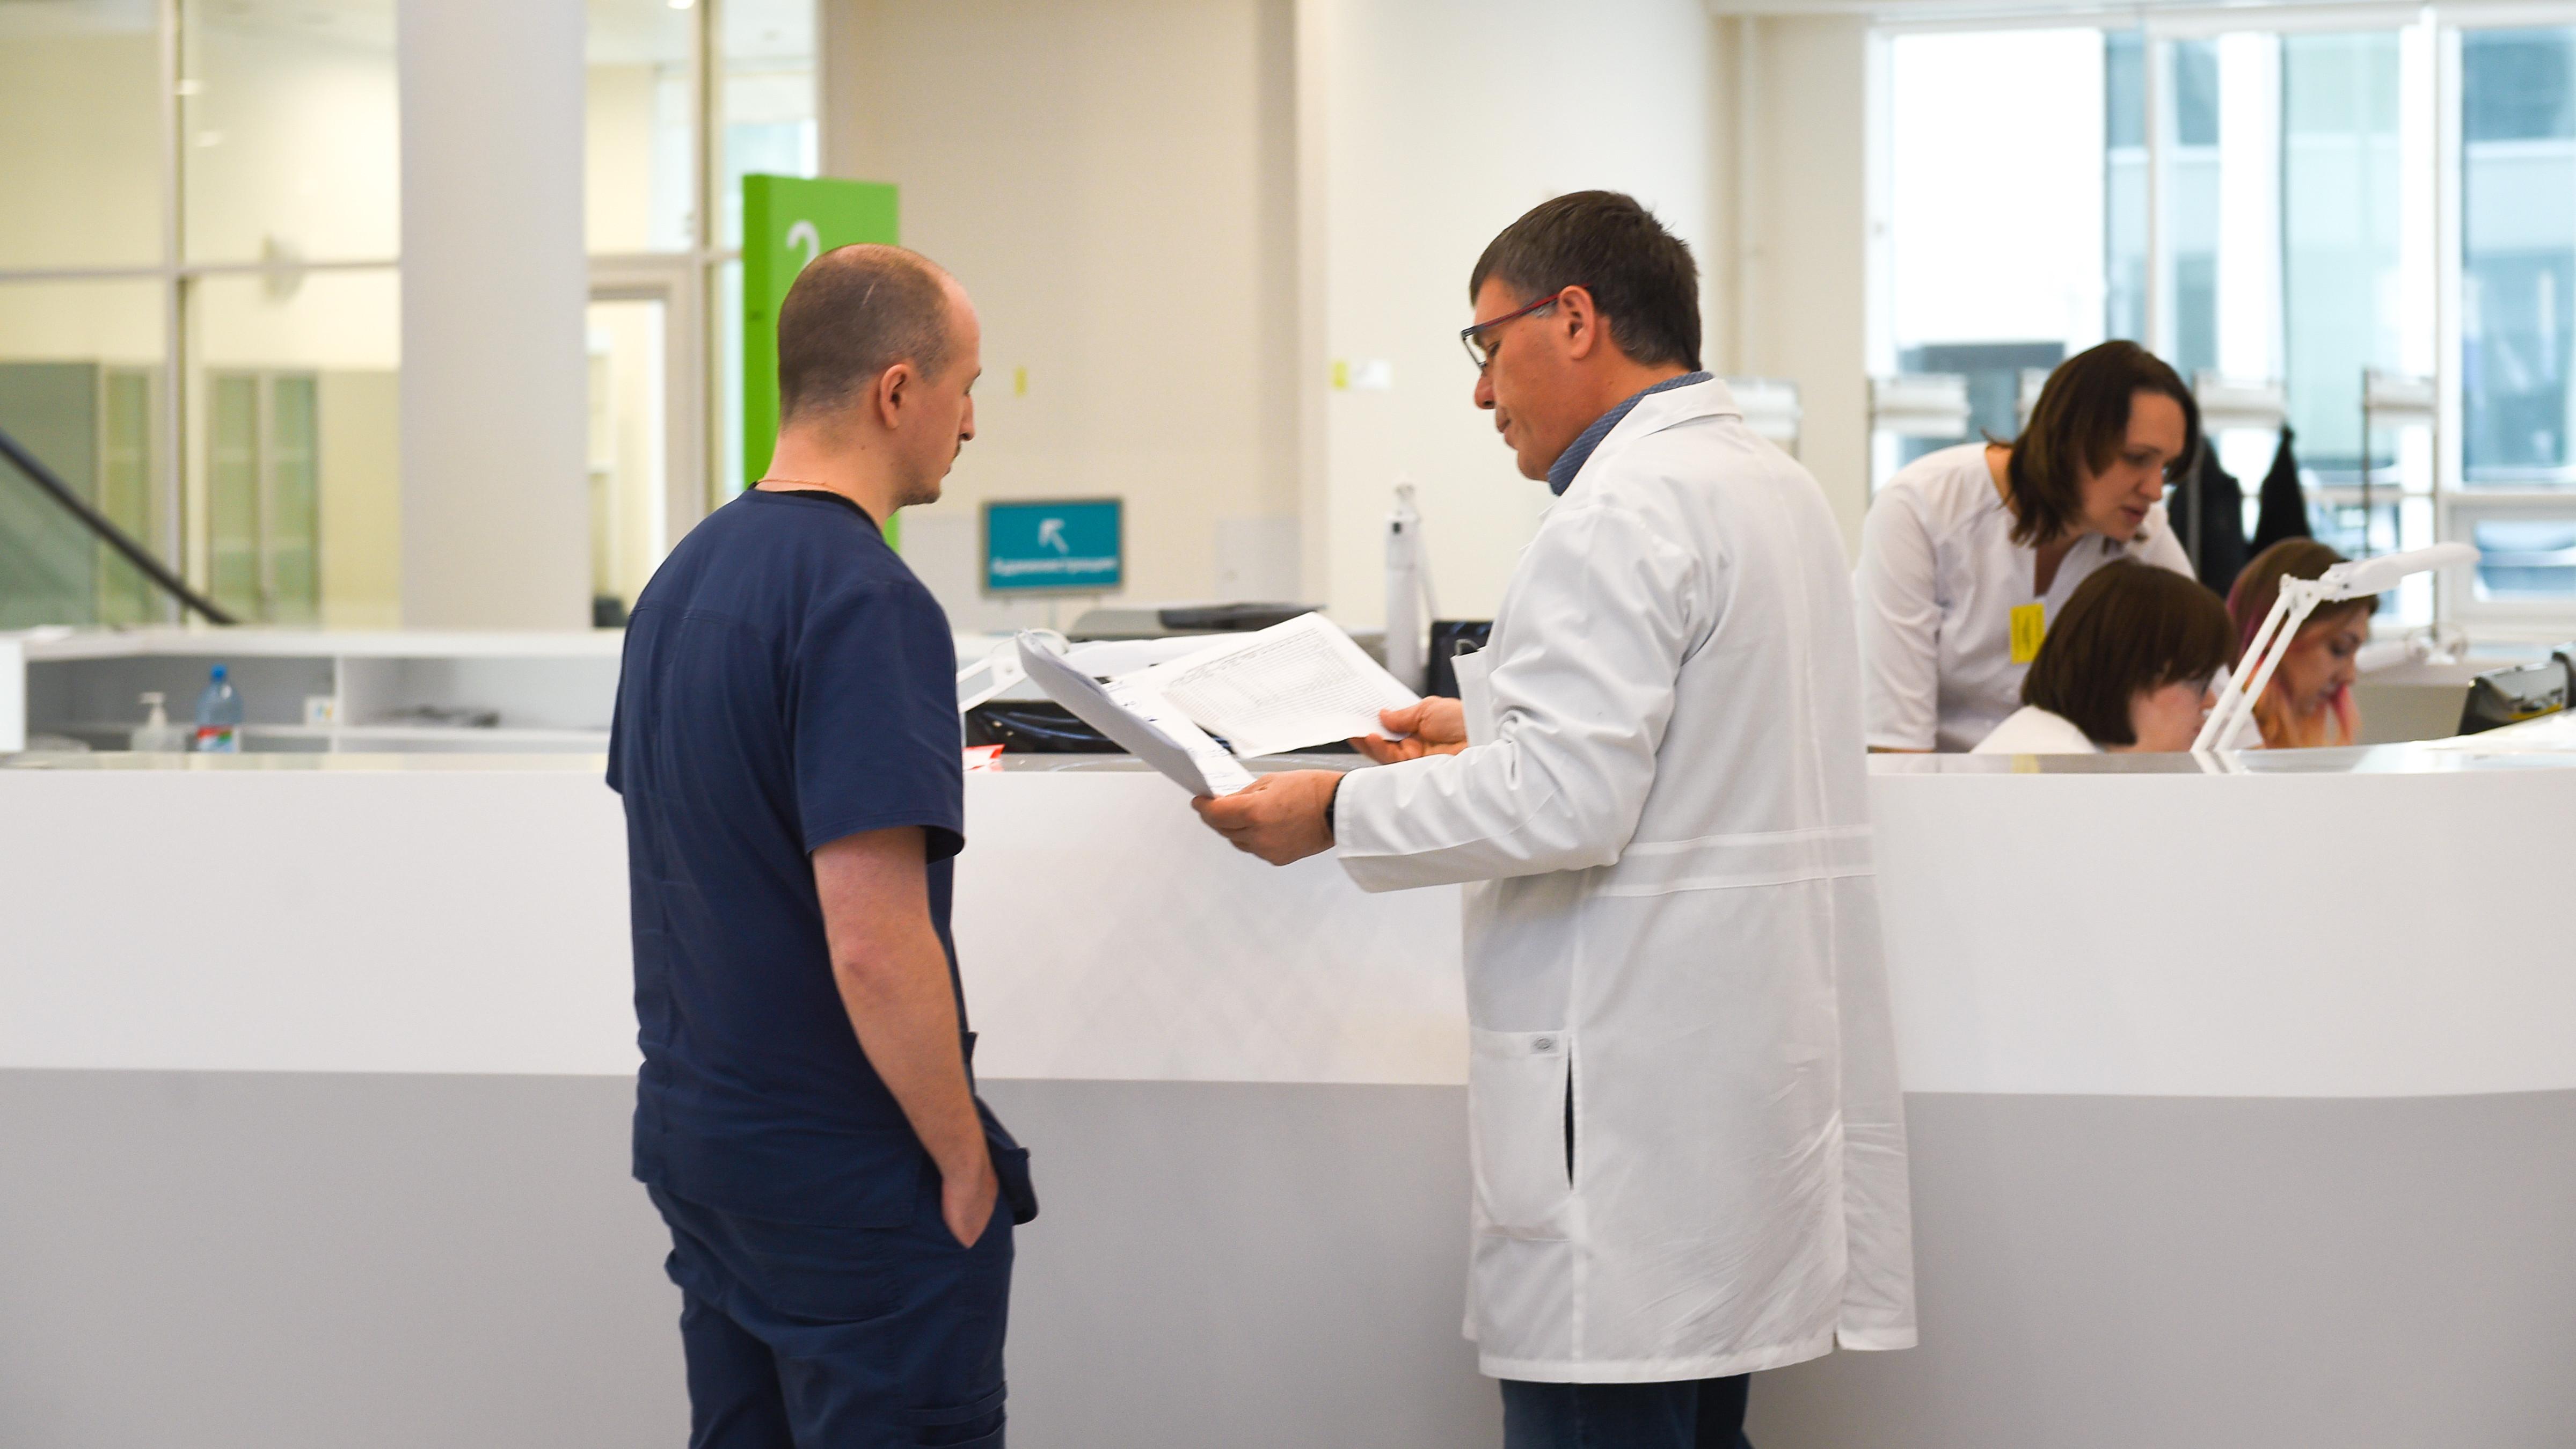 Подмосковный Минздрав опроверг введение в больницах усиленного режима из-за коронавируса